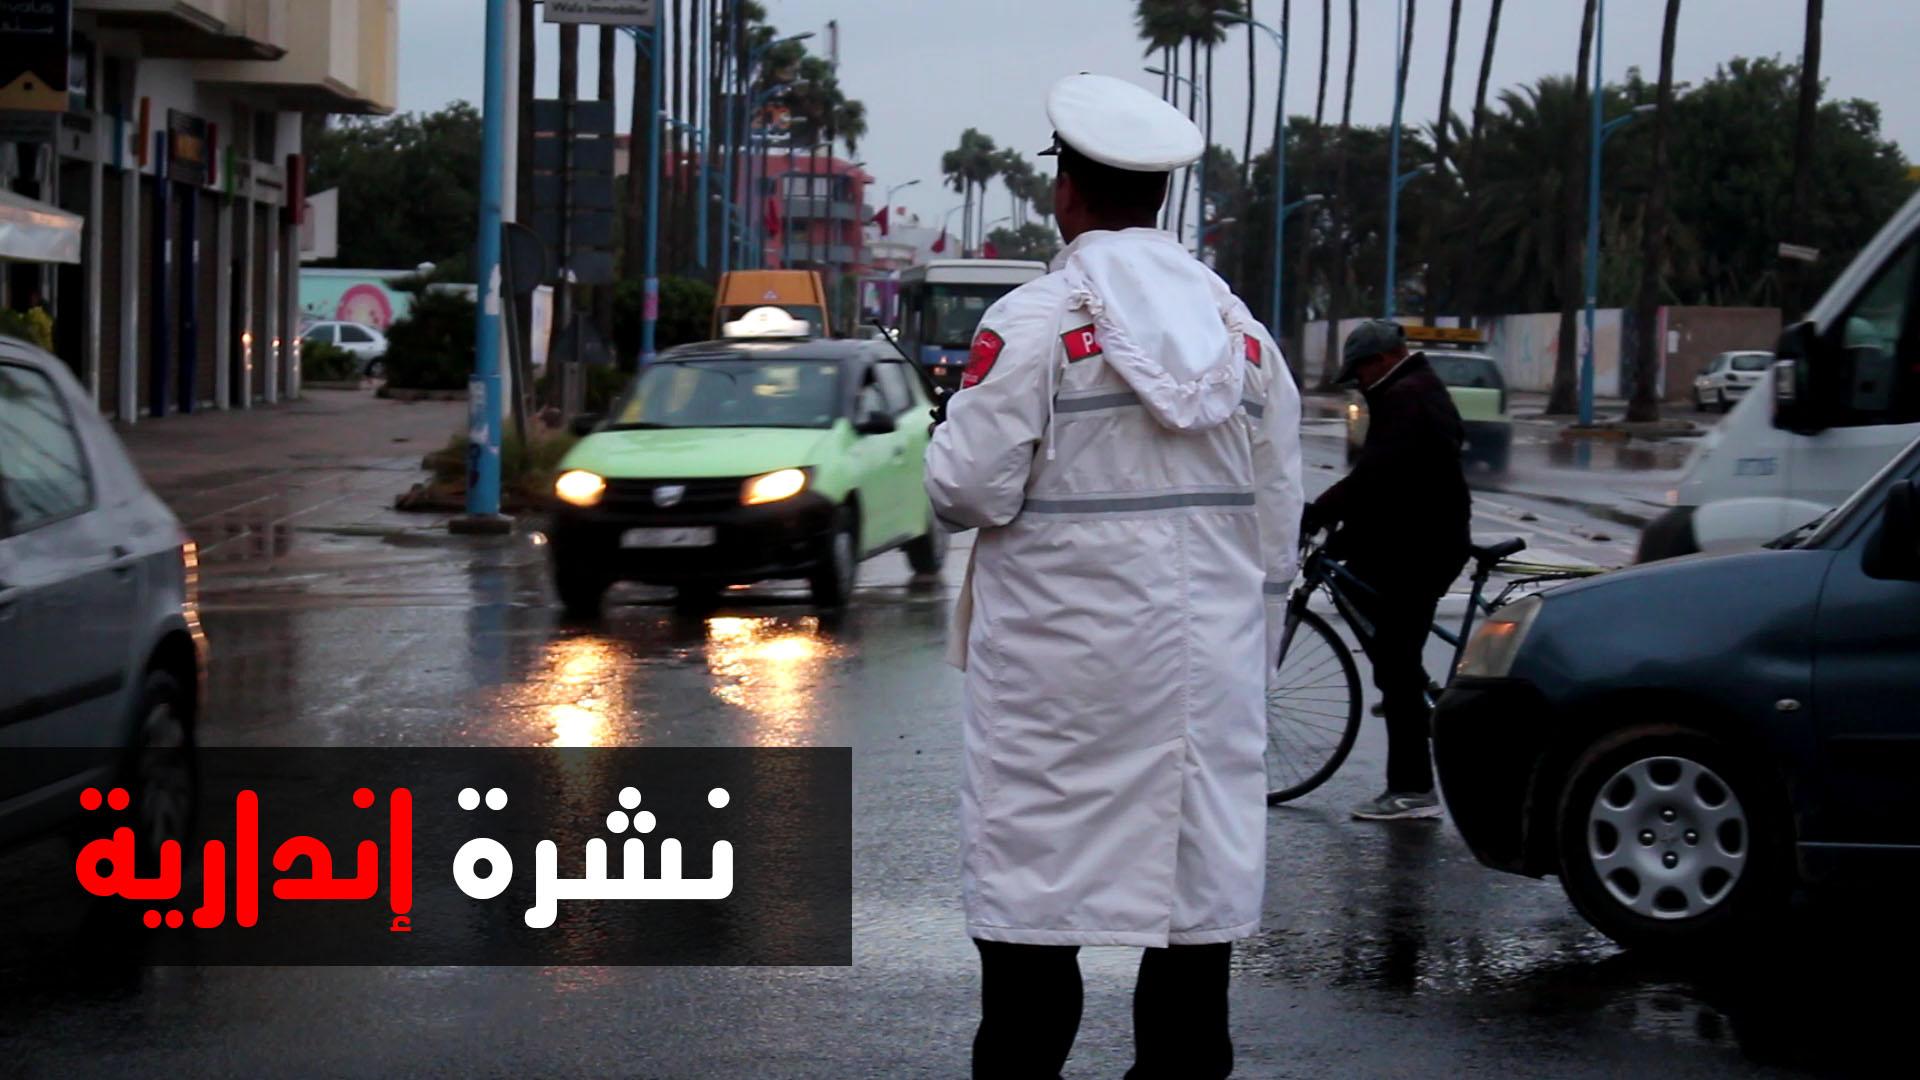 نشرة خاصة !!  زخات رعدية قوية  بالمحمدية والدار البيضاء  عشية هدا اليوم